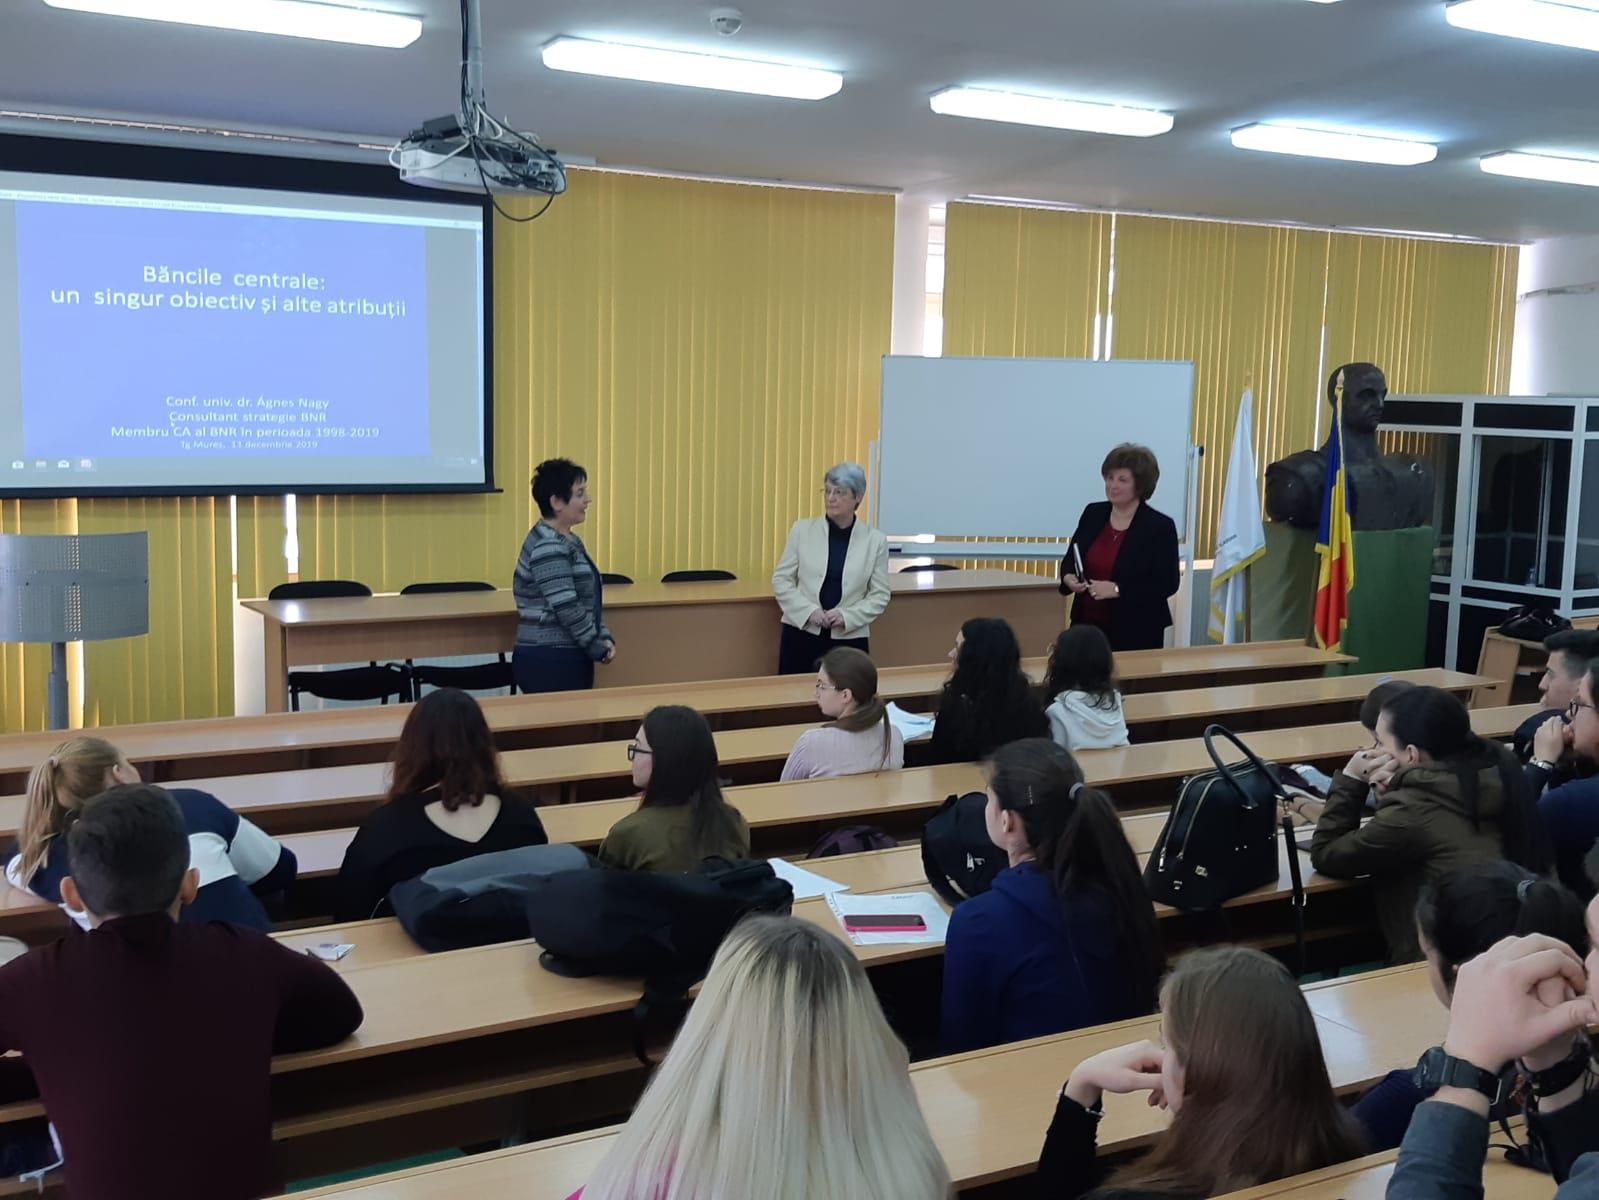 Foto workshop Facultatea de Economie si Drept BNR (2)